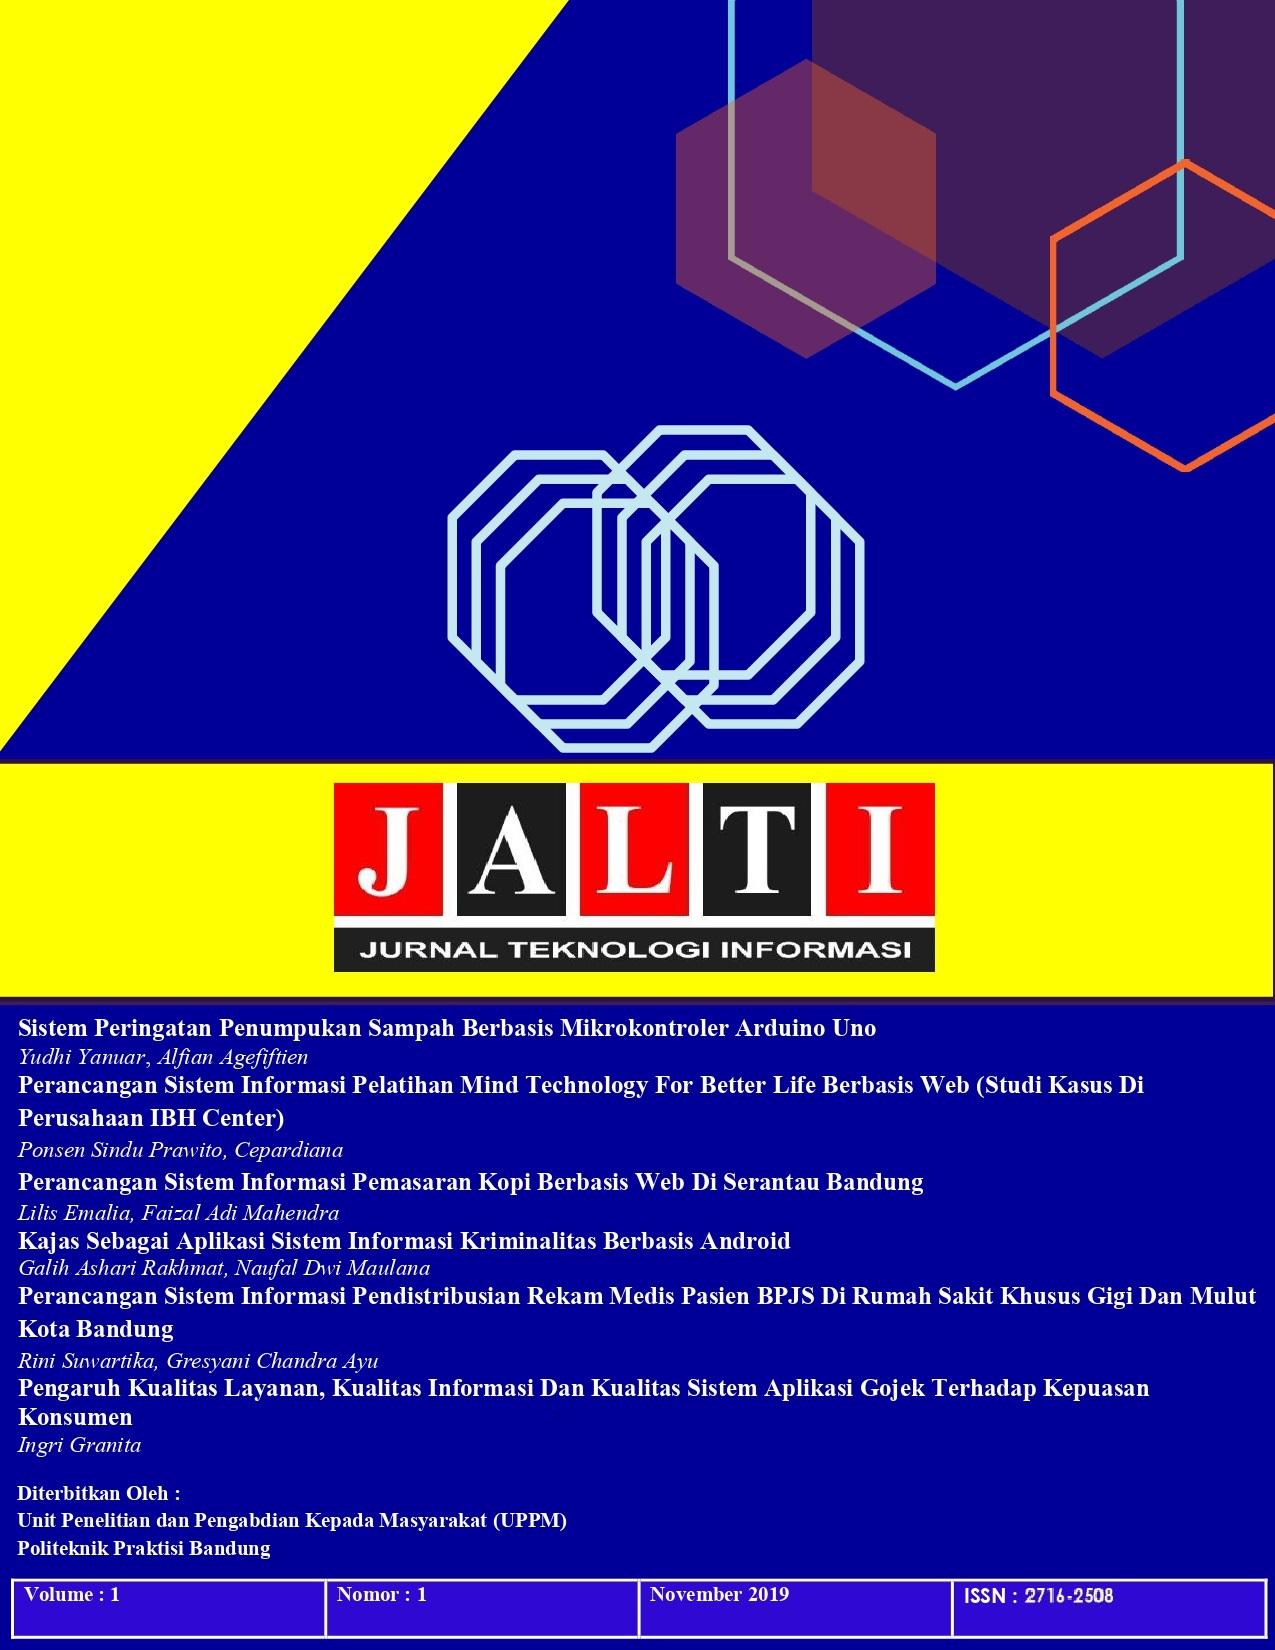 Lihat Vol 1 No 1 (2019): Jurnal Teknologi Informasi (JALTI)